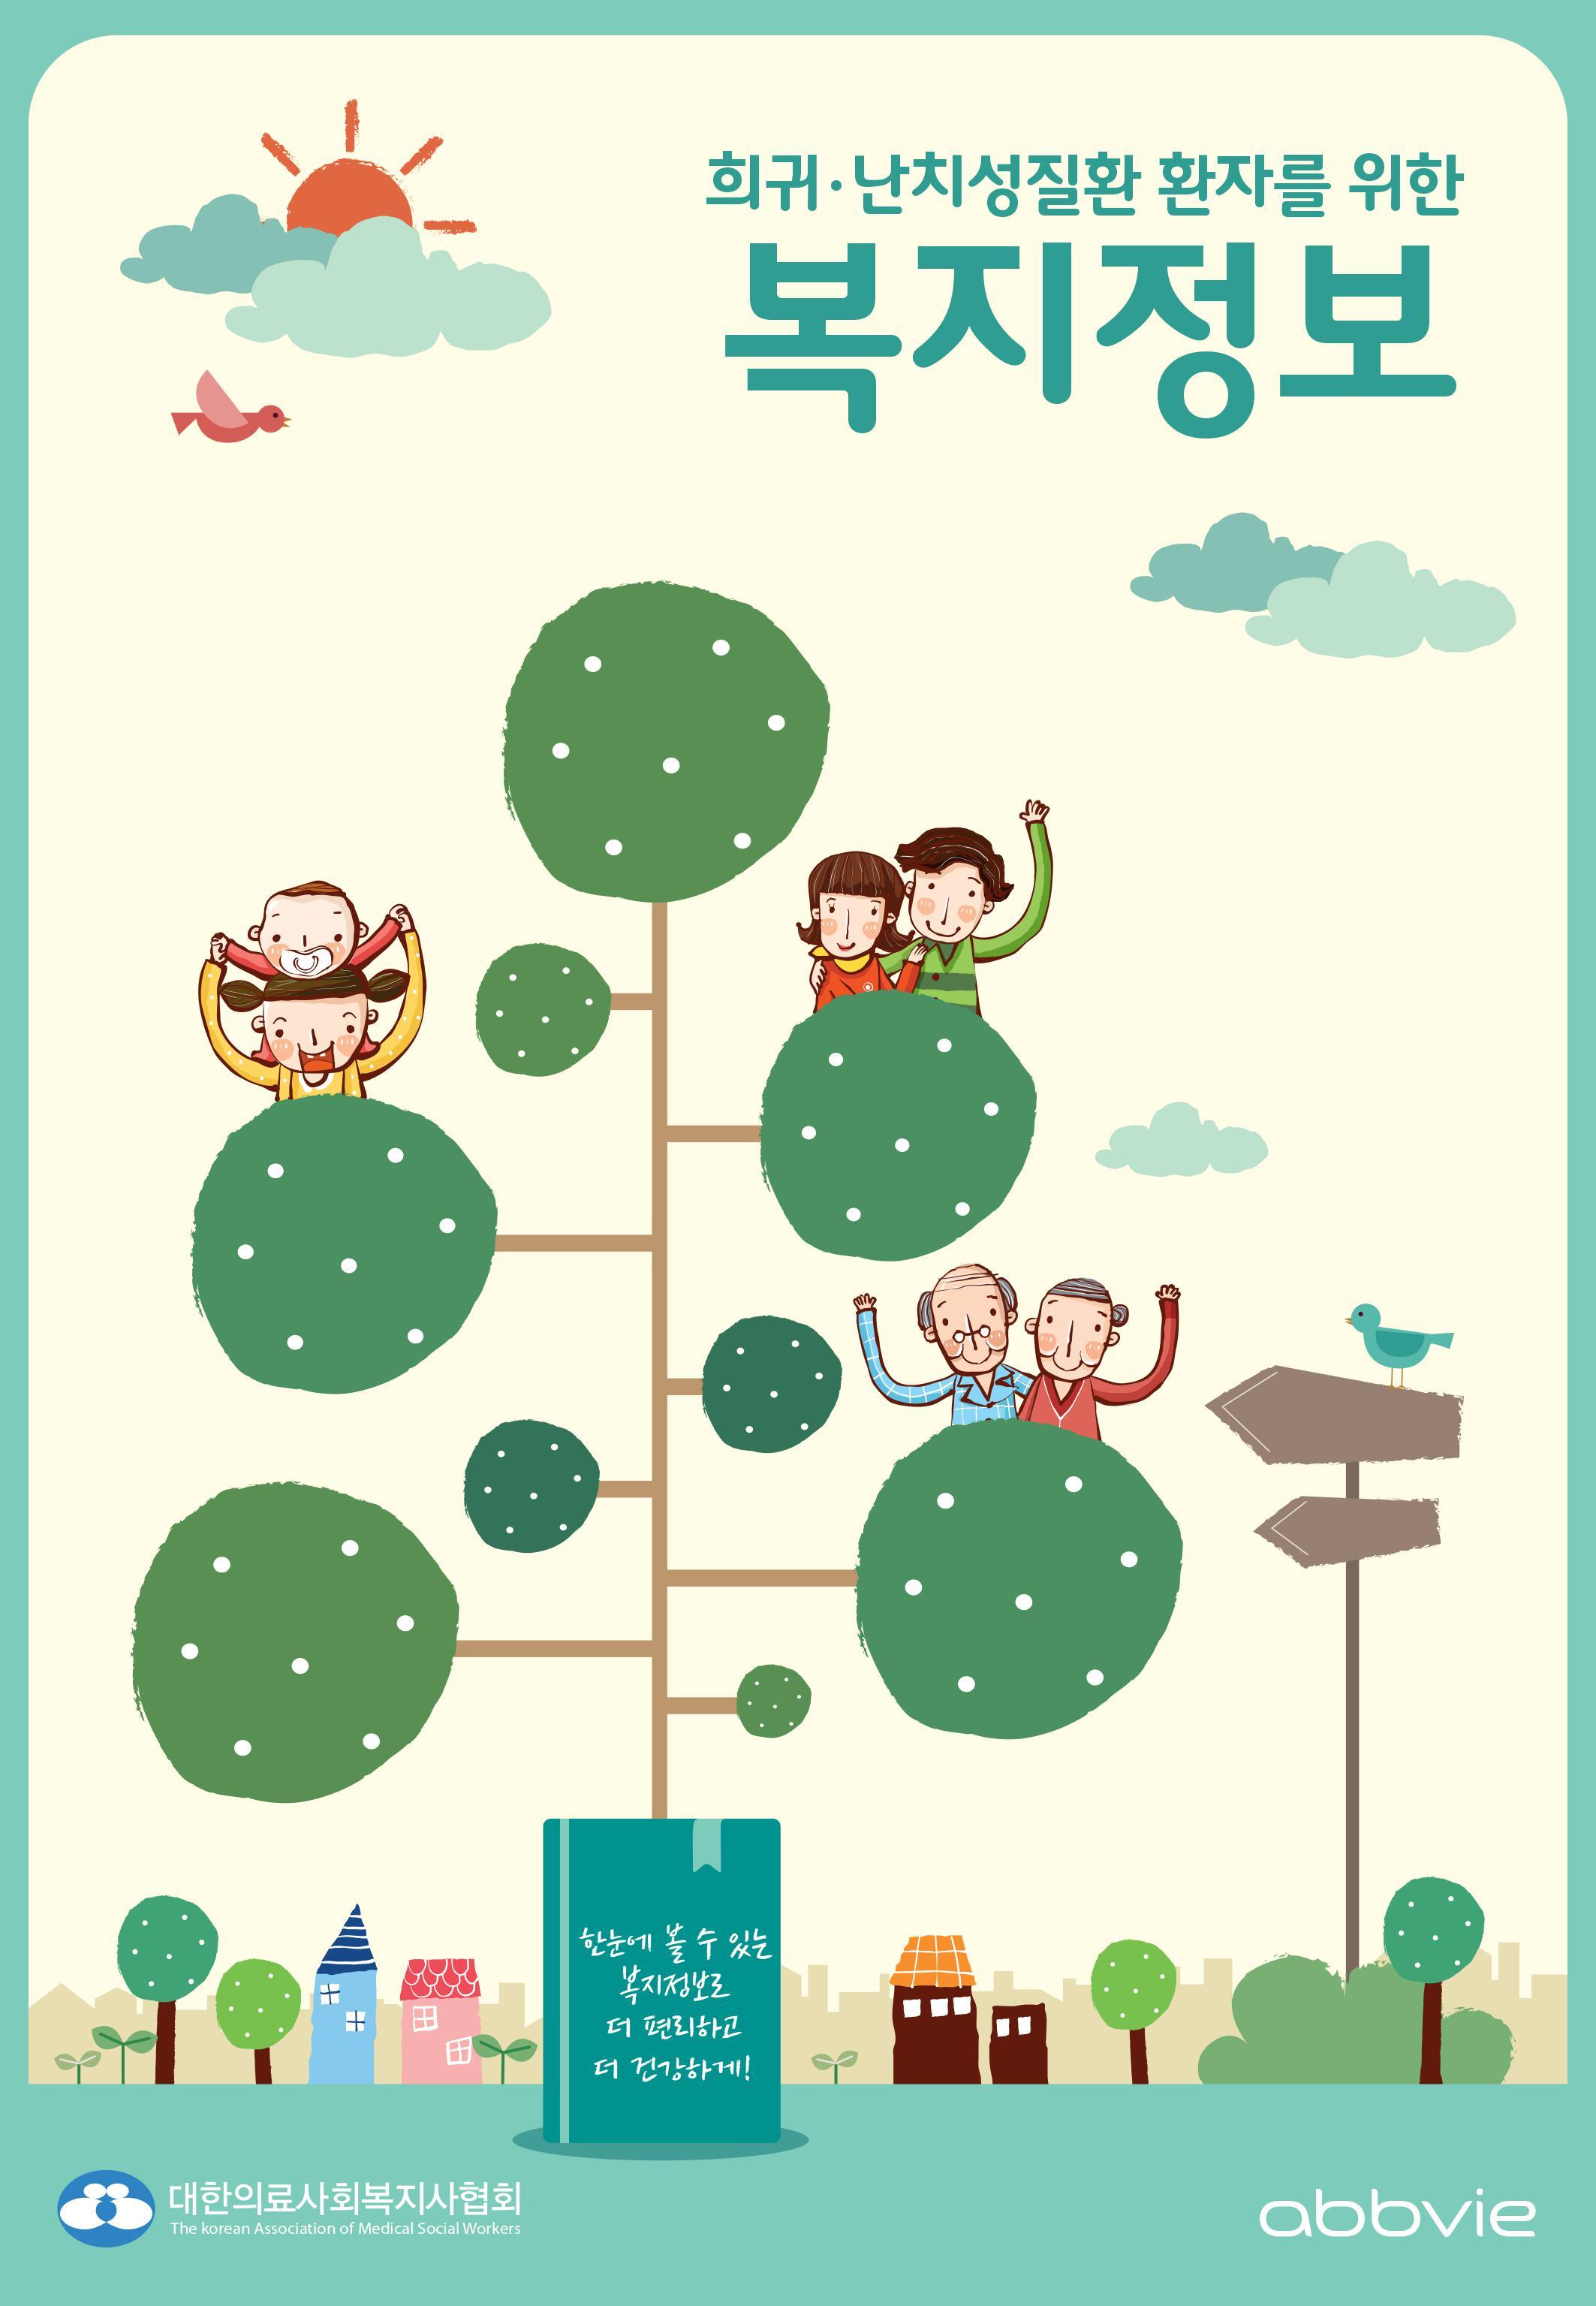 한국애브비, 대한의료사회복지사협회와 희귀·난치성질환 환자를 위한 복지정보 책자 발간